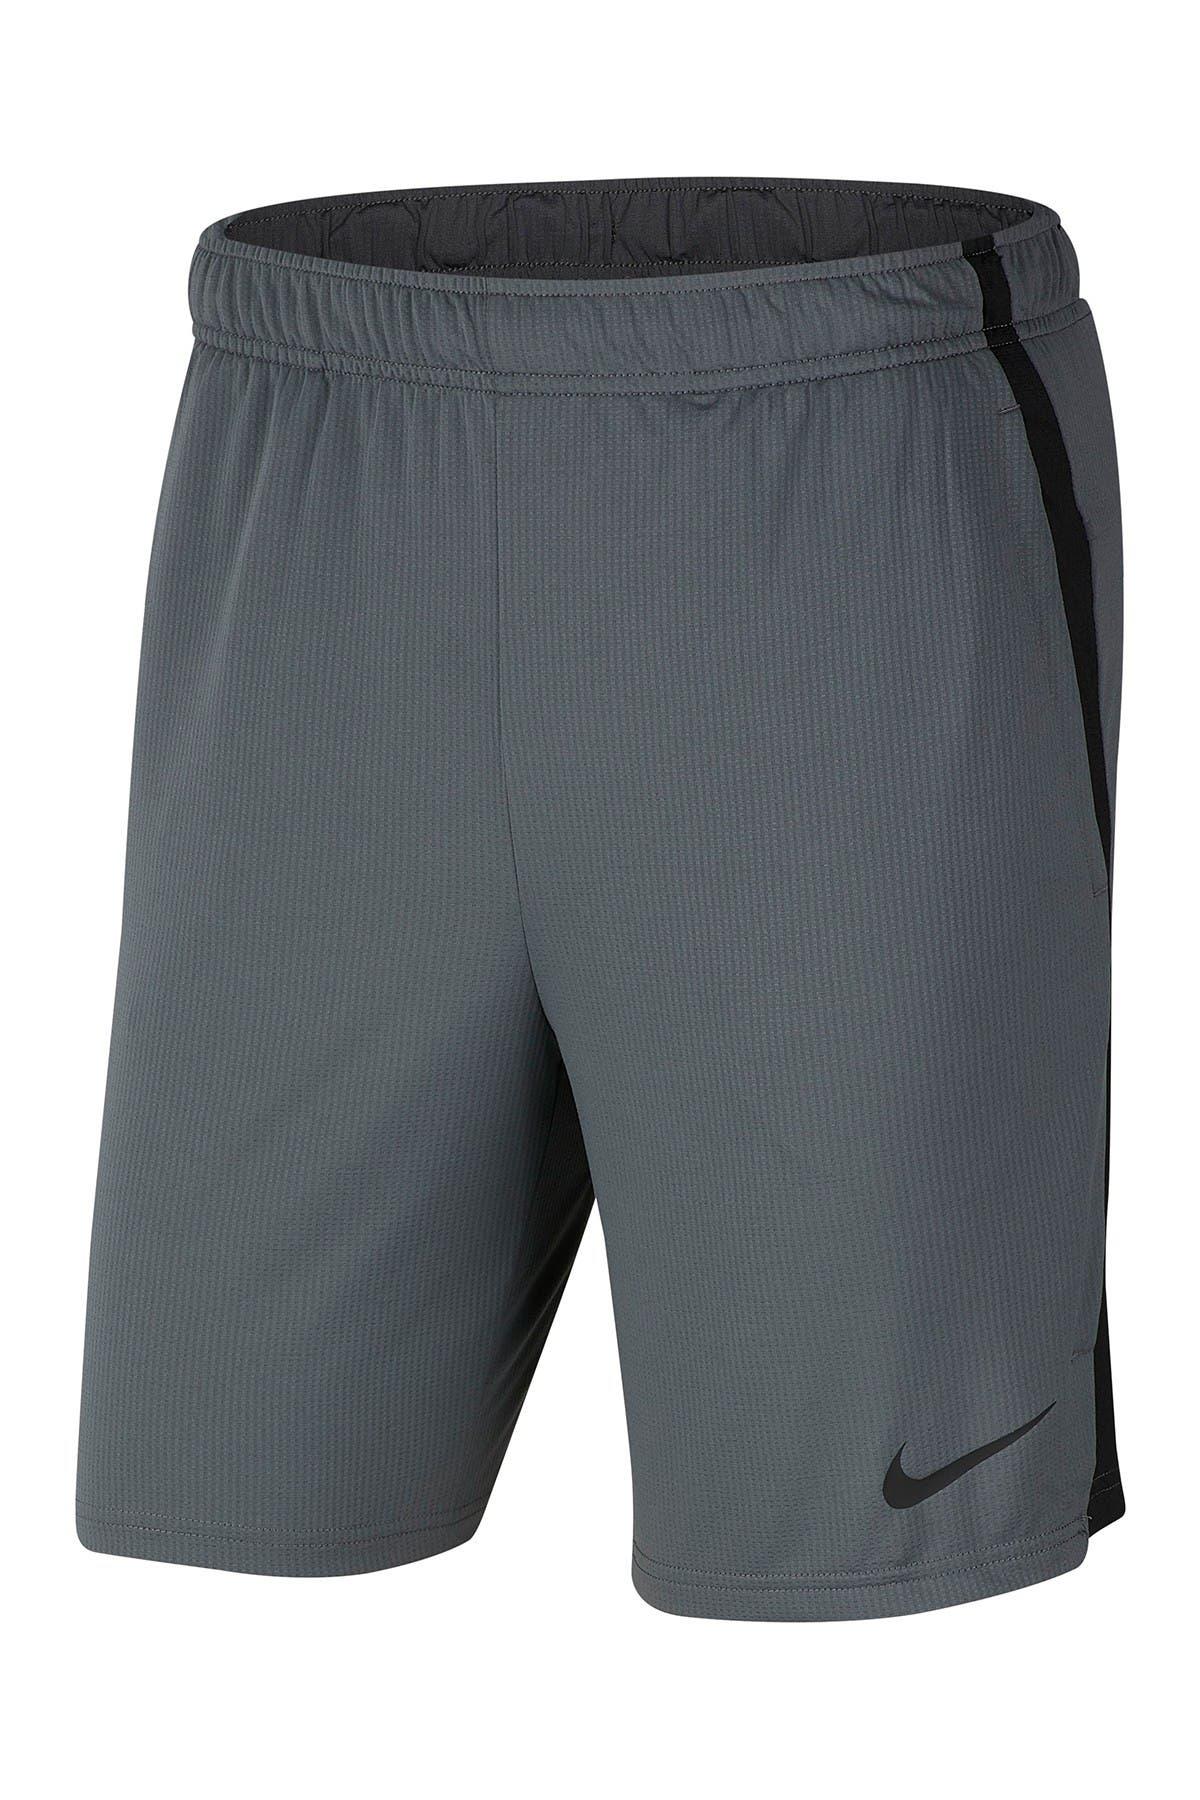 Image of Nike Hybrid Dri-FIT 2.0 Shorts